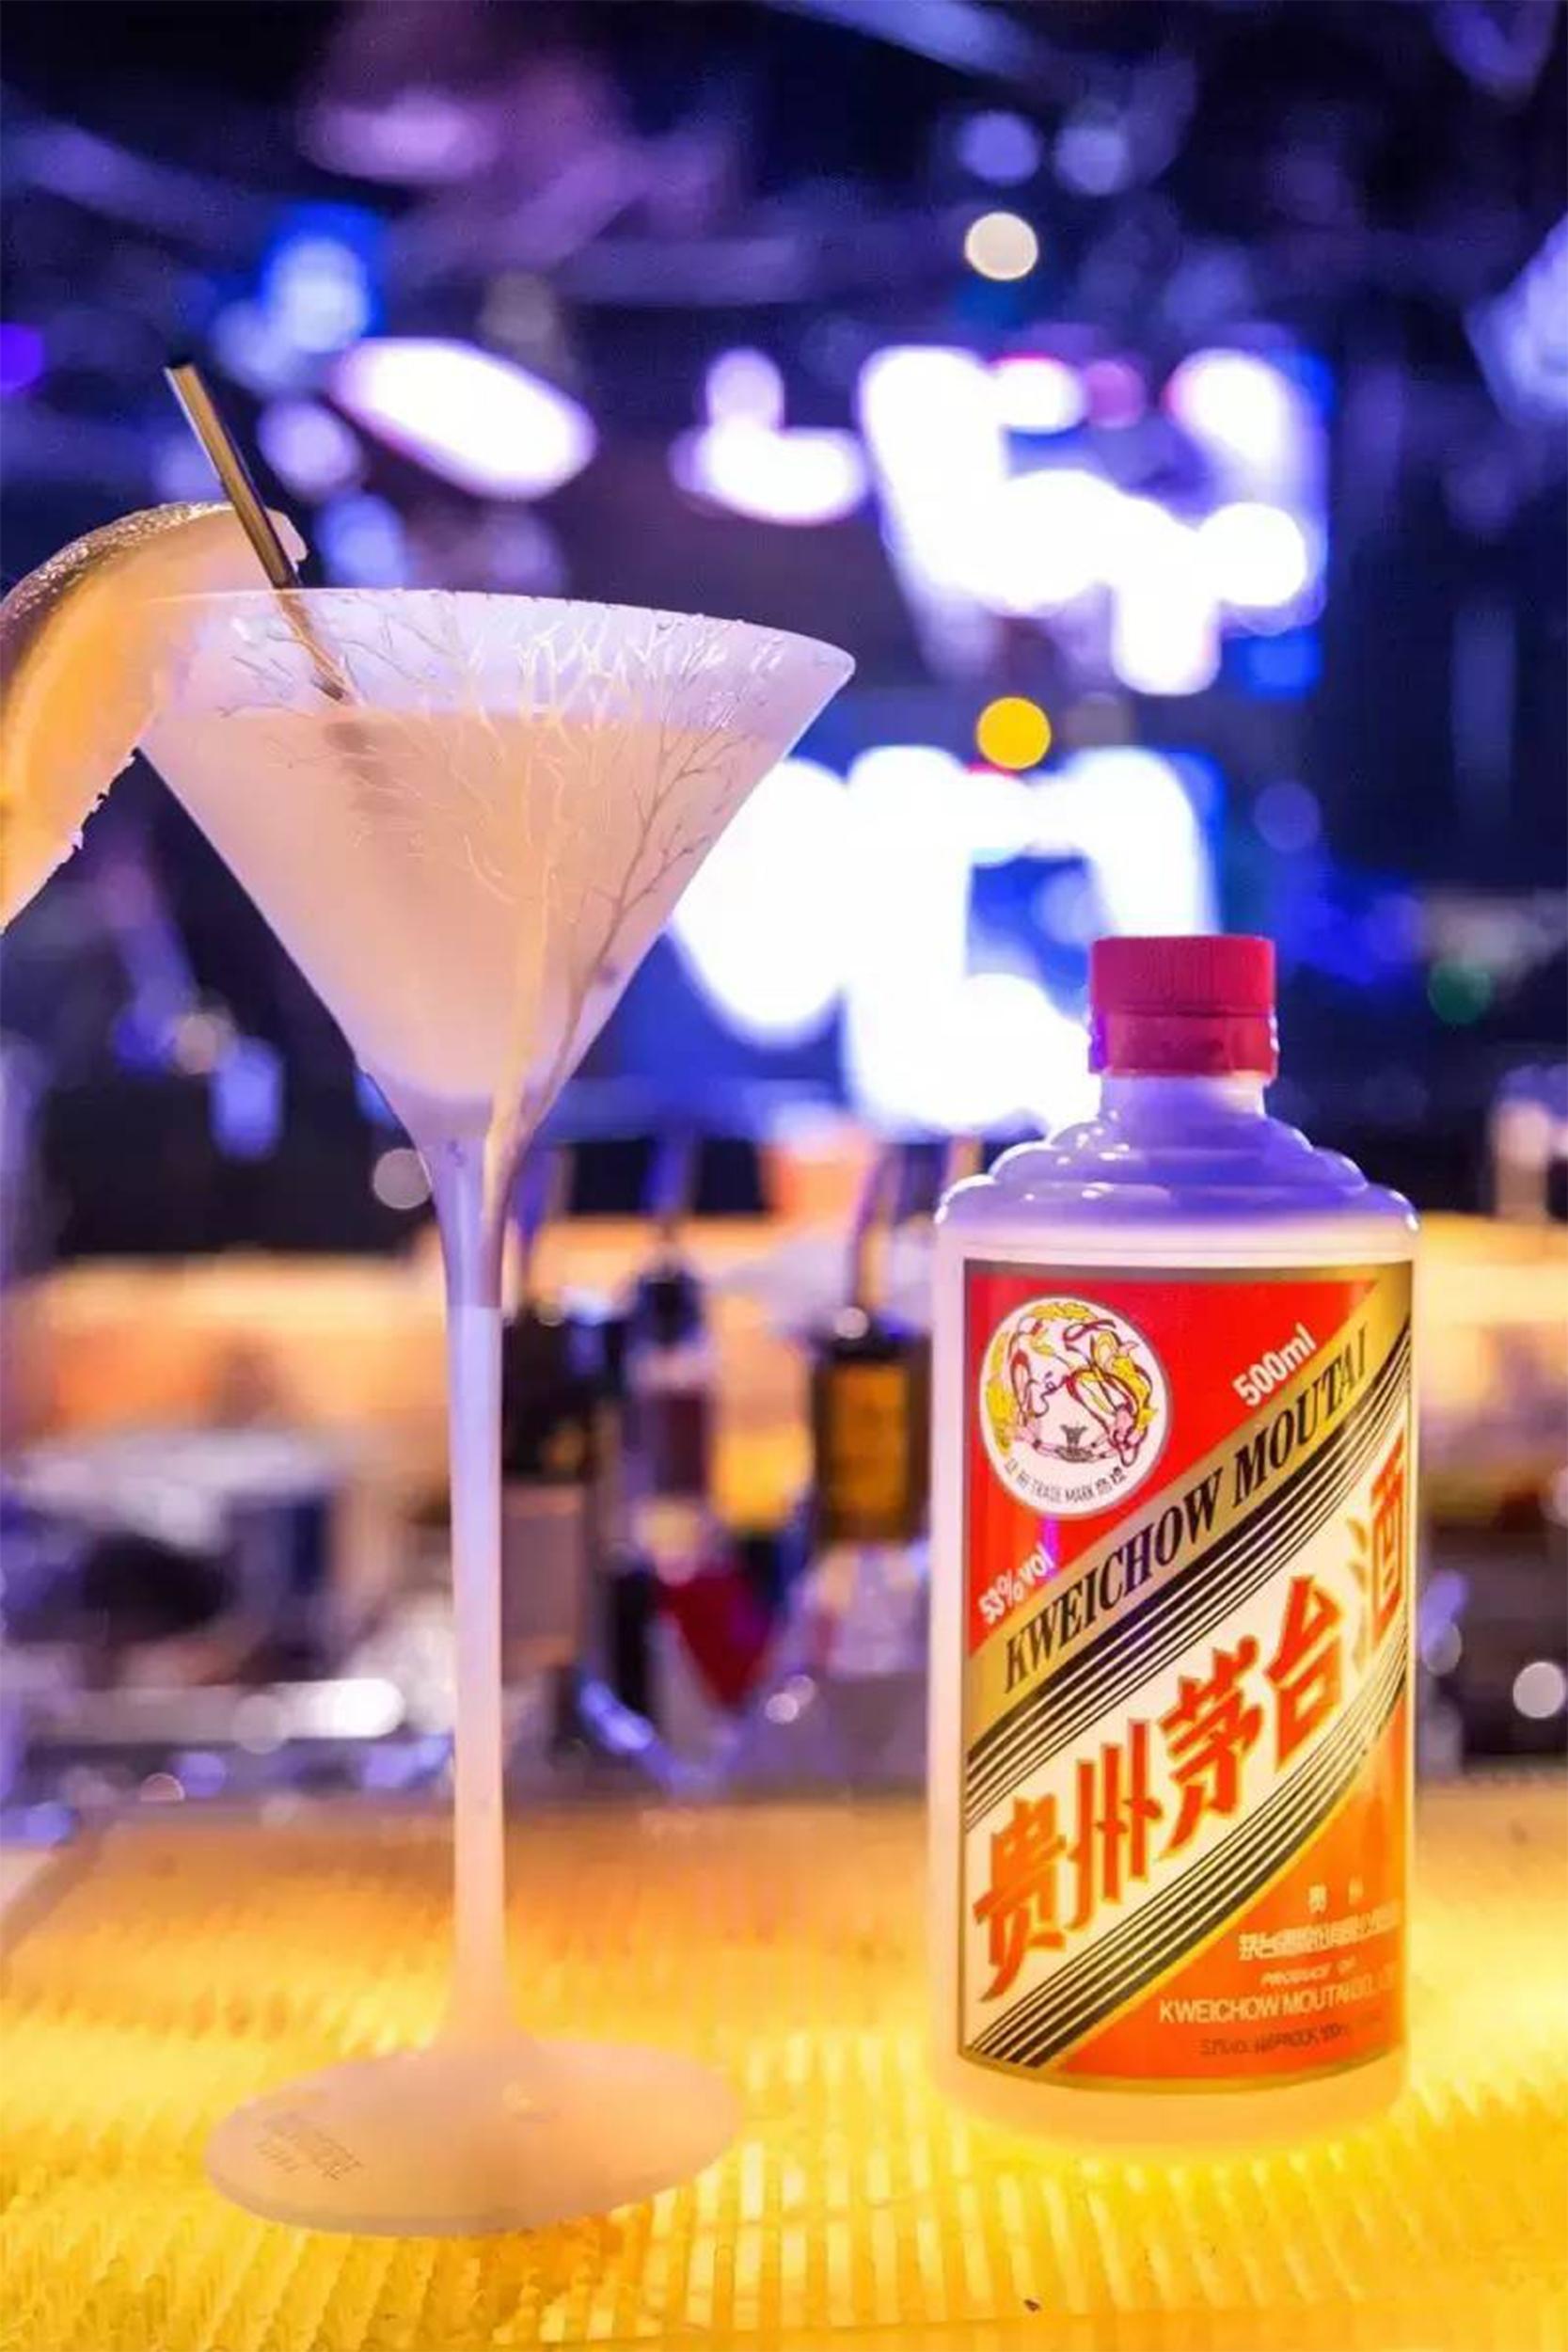 Chinesische Spirituosen-Marke Moutai